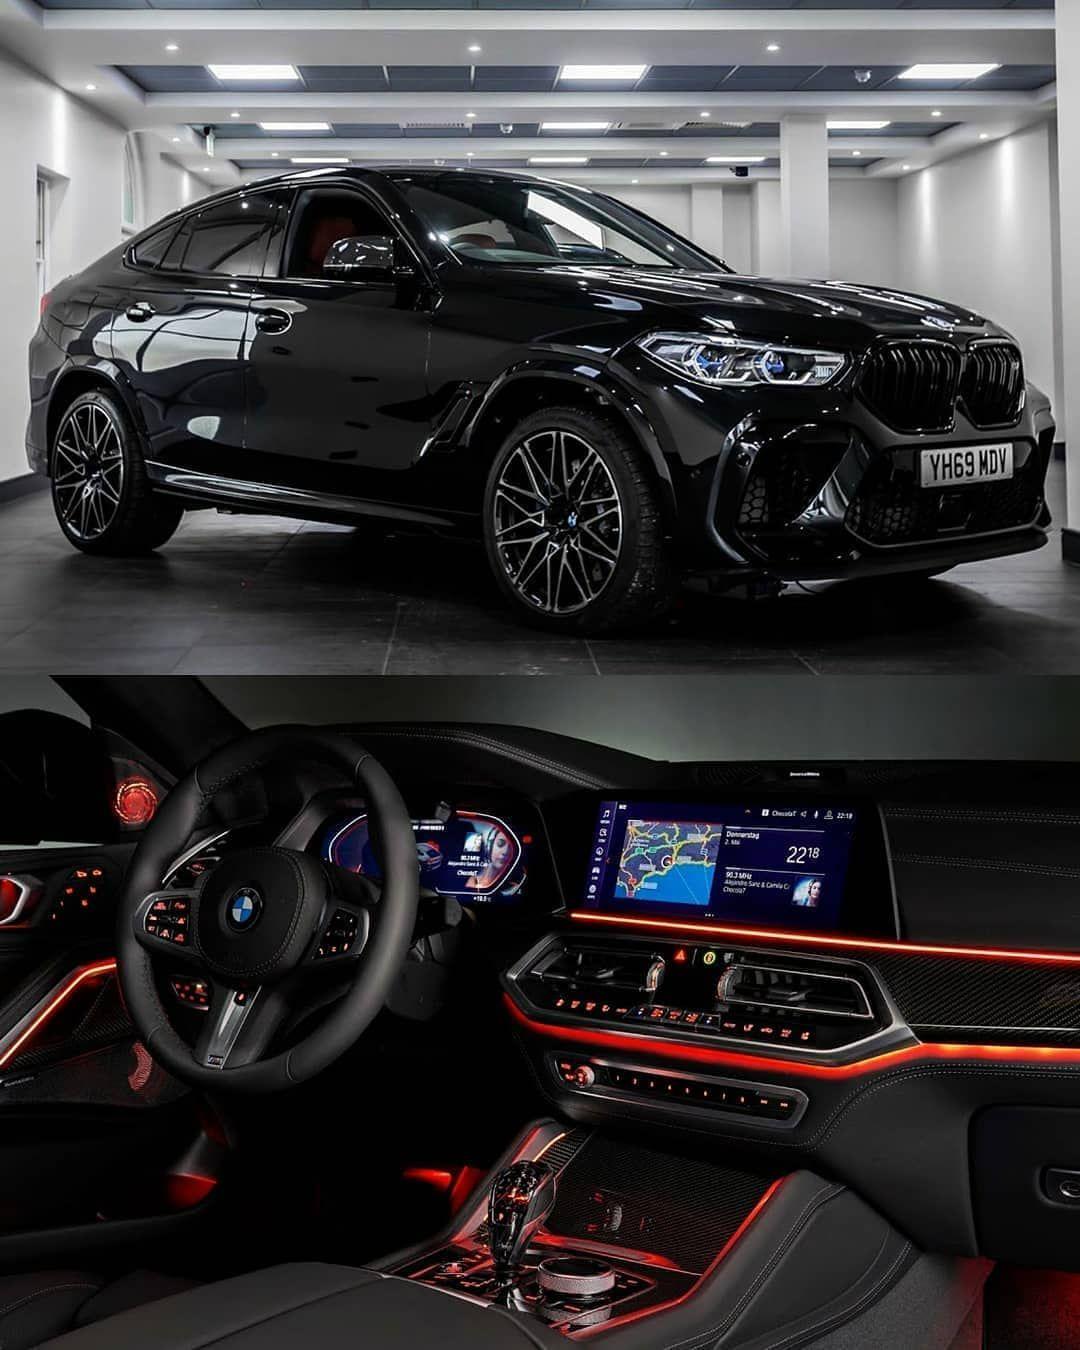 14 4 Tis Vpodoban 64 Komentariv Arnold S Bmw Iron Bmw V Instagram New Bmw X6m Worcester Bmw Cars Power 7 In 2020 Bmw Cars Bmw Sports Car Dream Cars Bmw